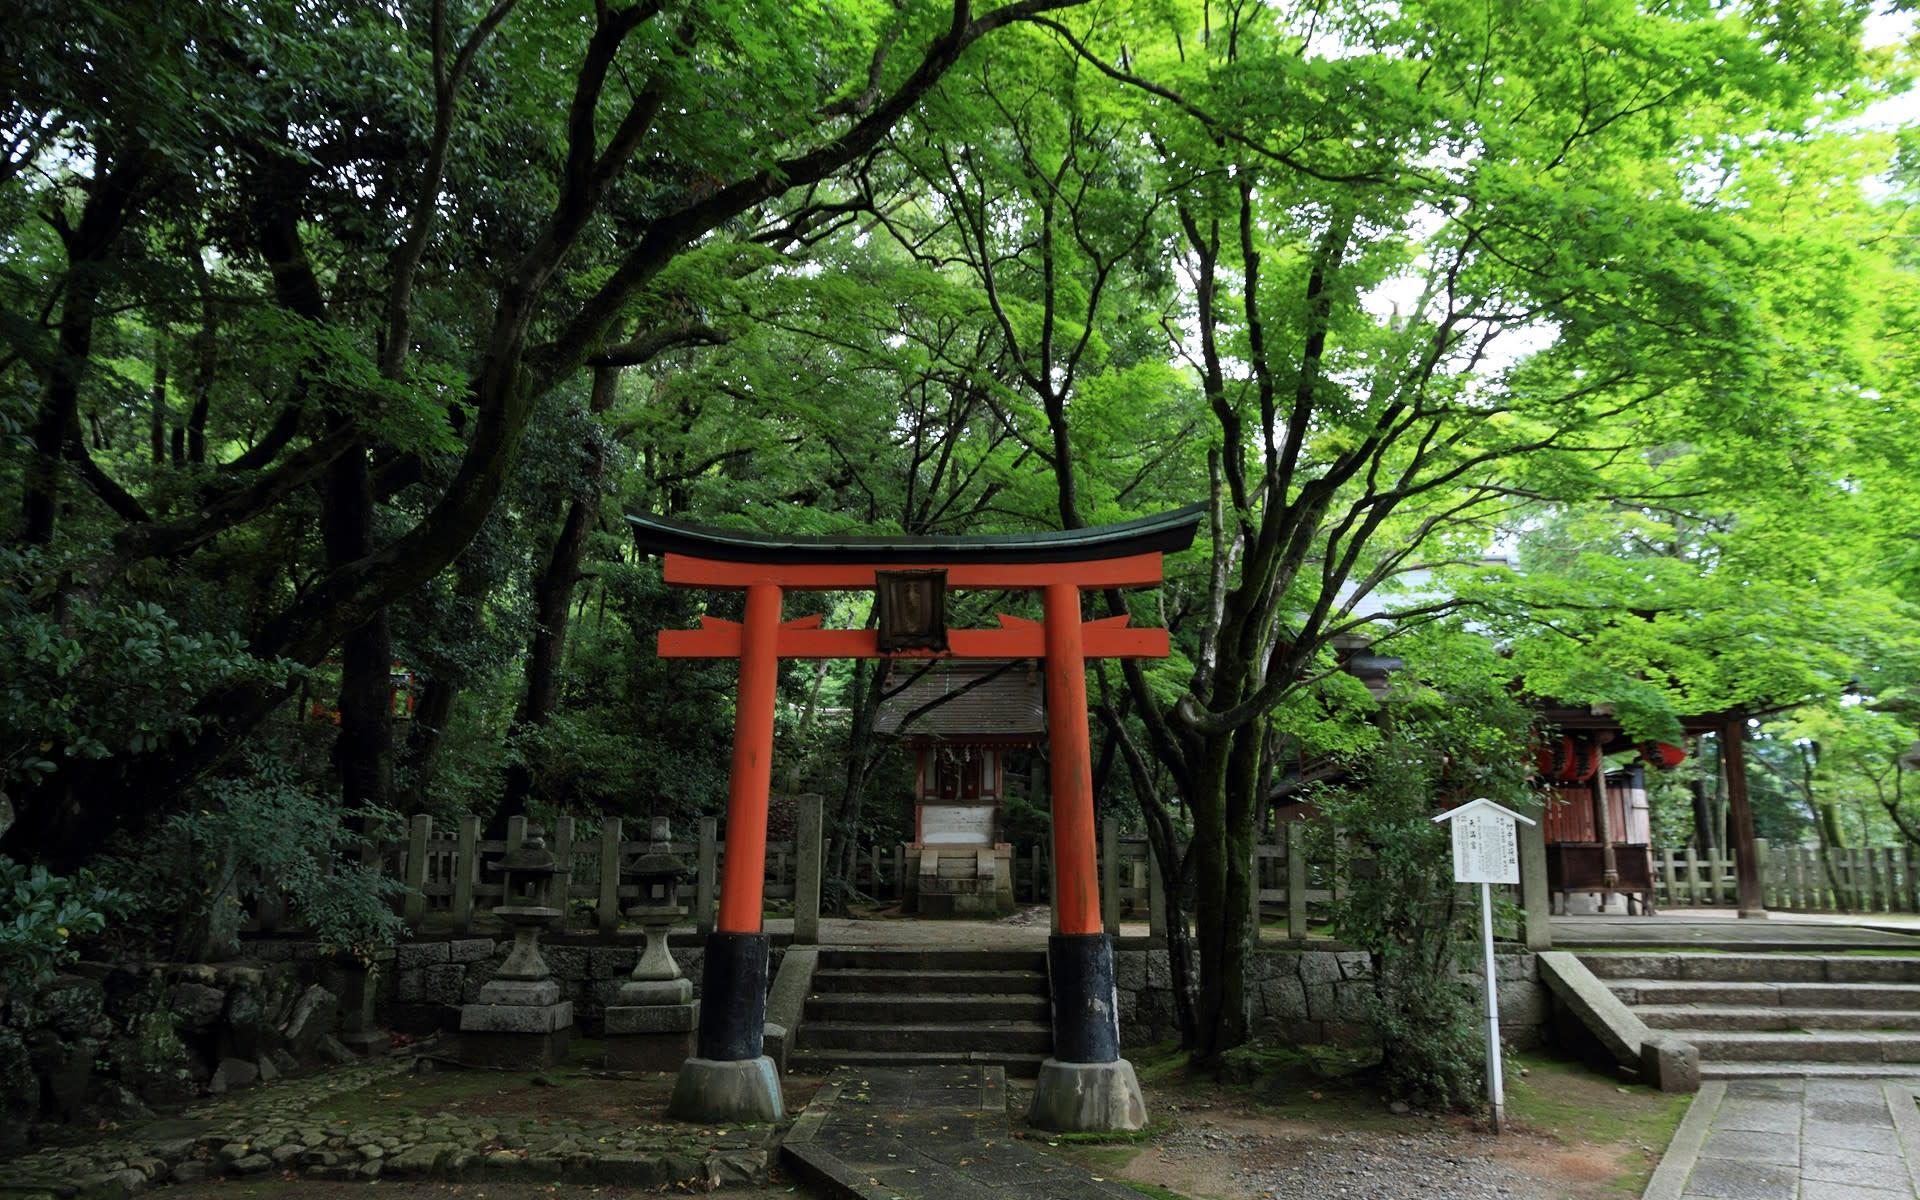 2012年夏の京都 竹中稲荷神社の壁紙 計27枚 壁紙 日々駄文